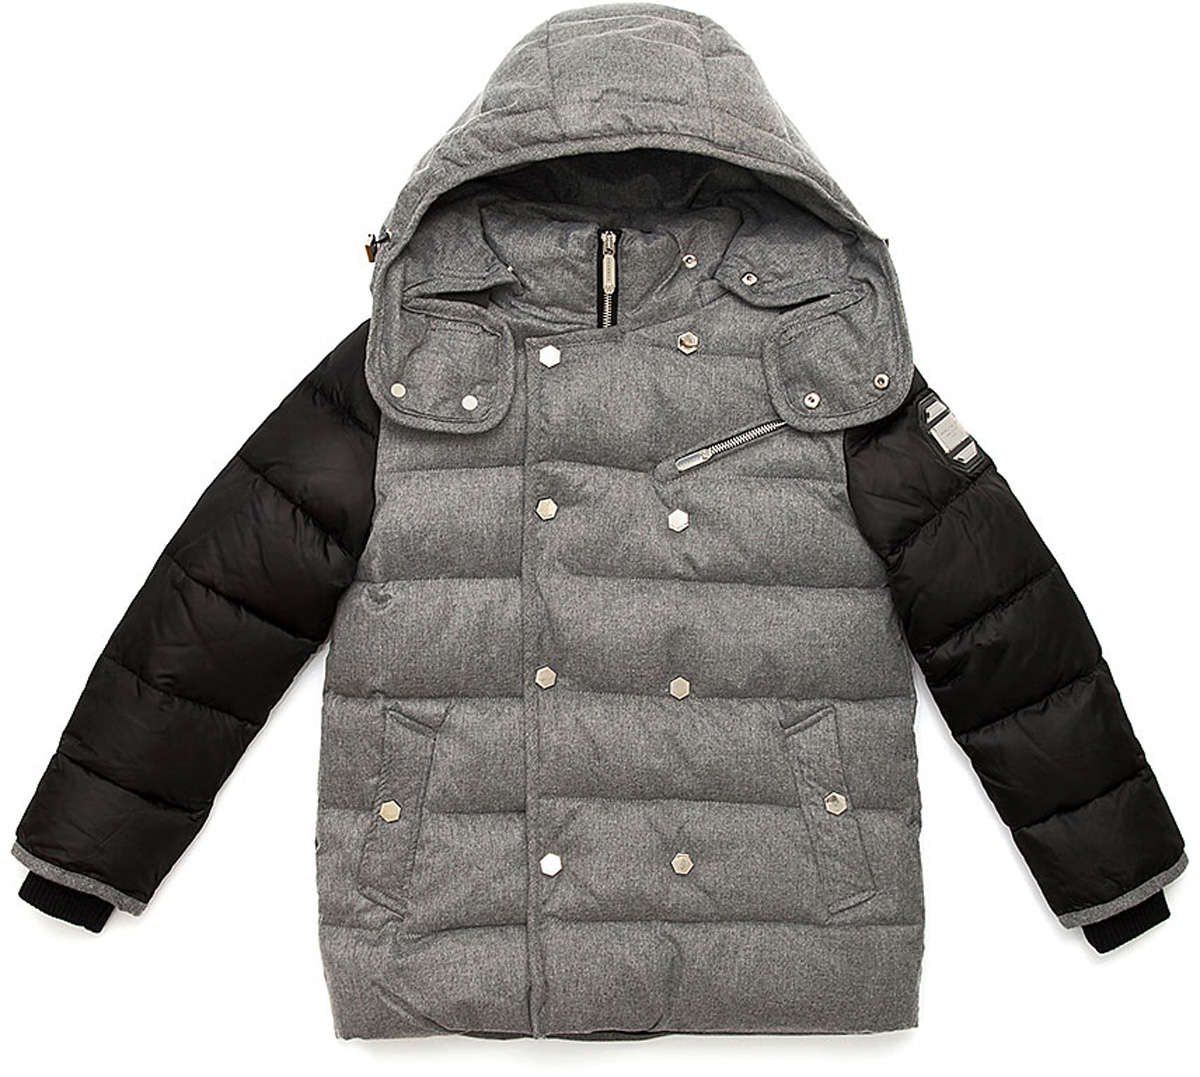 Куртка для мальчика Vitacci, цвет: черный. 1171486-03. Размер 1601171486-03Куртка для мальчика удлиненная. Подкладка дополнительно утеплена флисом по спинке. Наполнитель БИО ПУХ. Температурный режим от -5°С до -20°С.